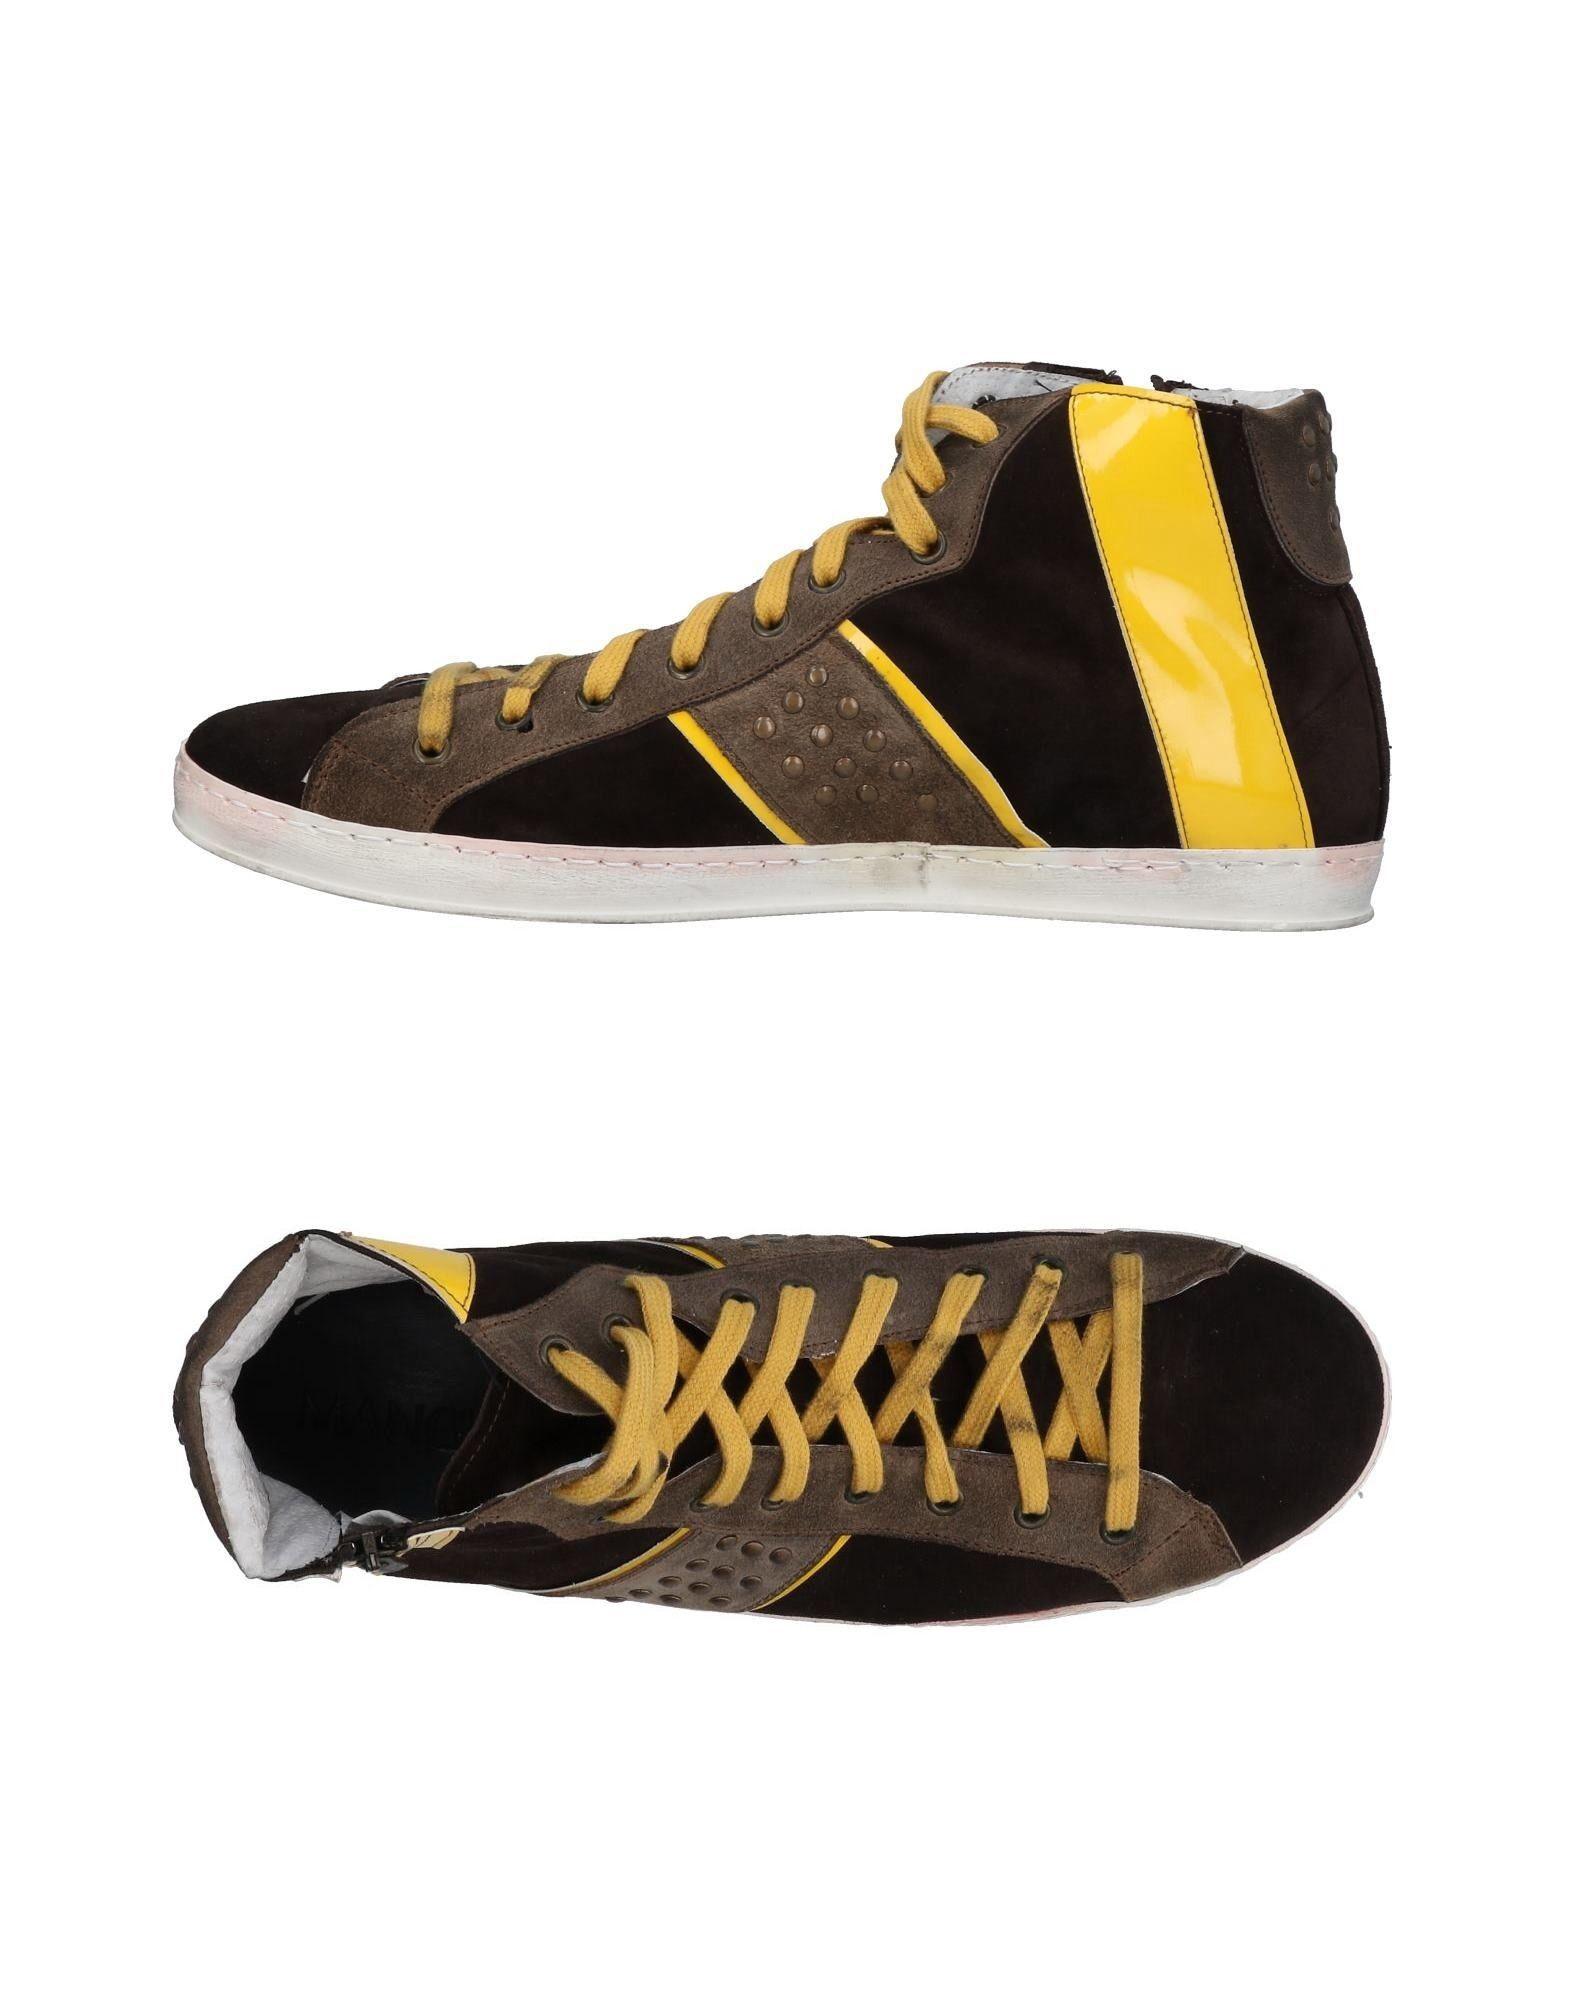 Rabatt echte  Schuhe Mangano Sneakers Herren  echte 11452490MS 71eb9e